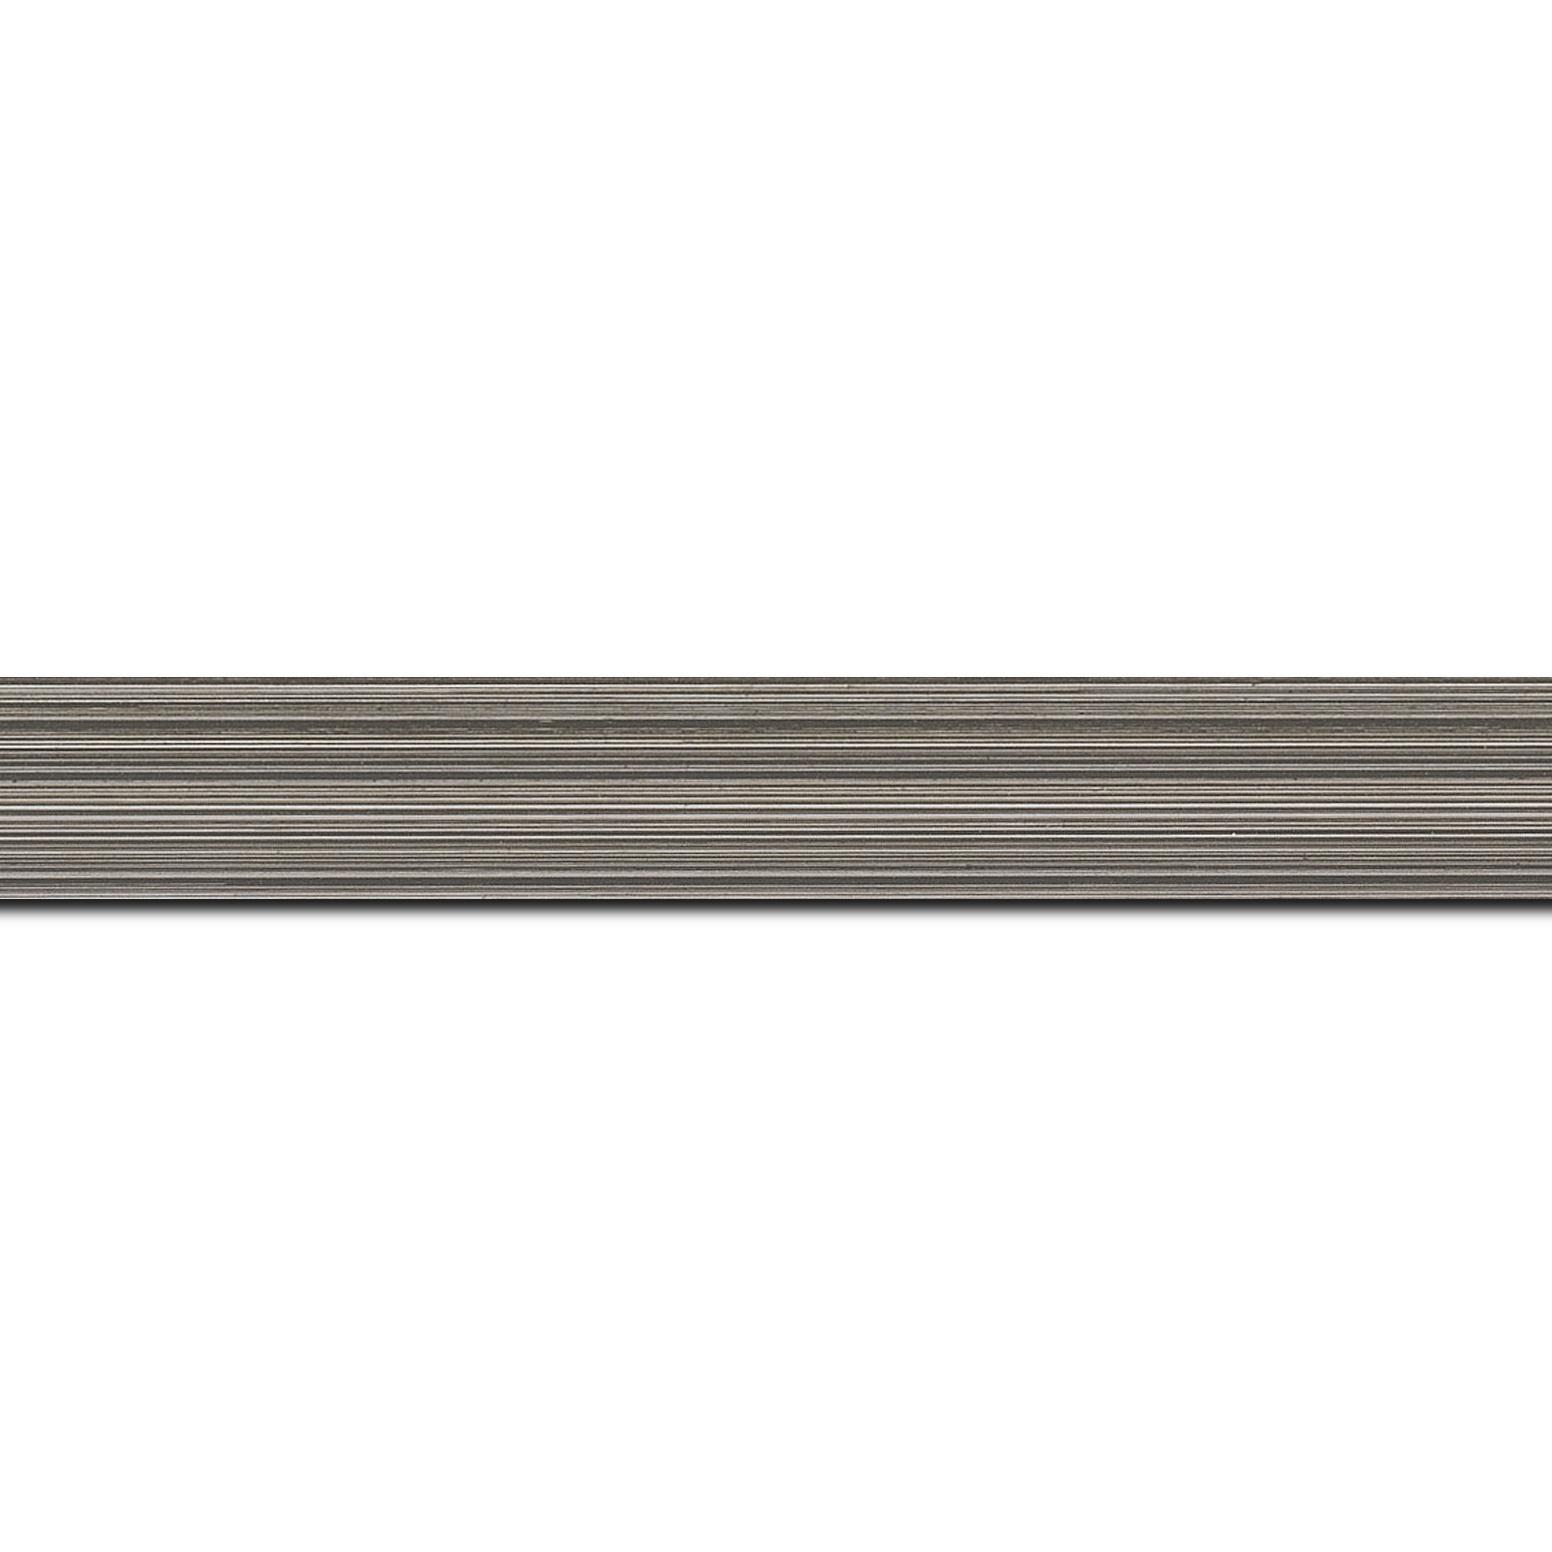 Pack par 12m, bois profil concave largeur 2.4cm couleur gris effet matière fond blanc  (longueur baguette pouvant varier entre 2.40m et 3m selon arrivage des bois)